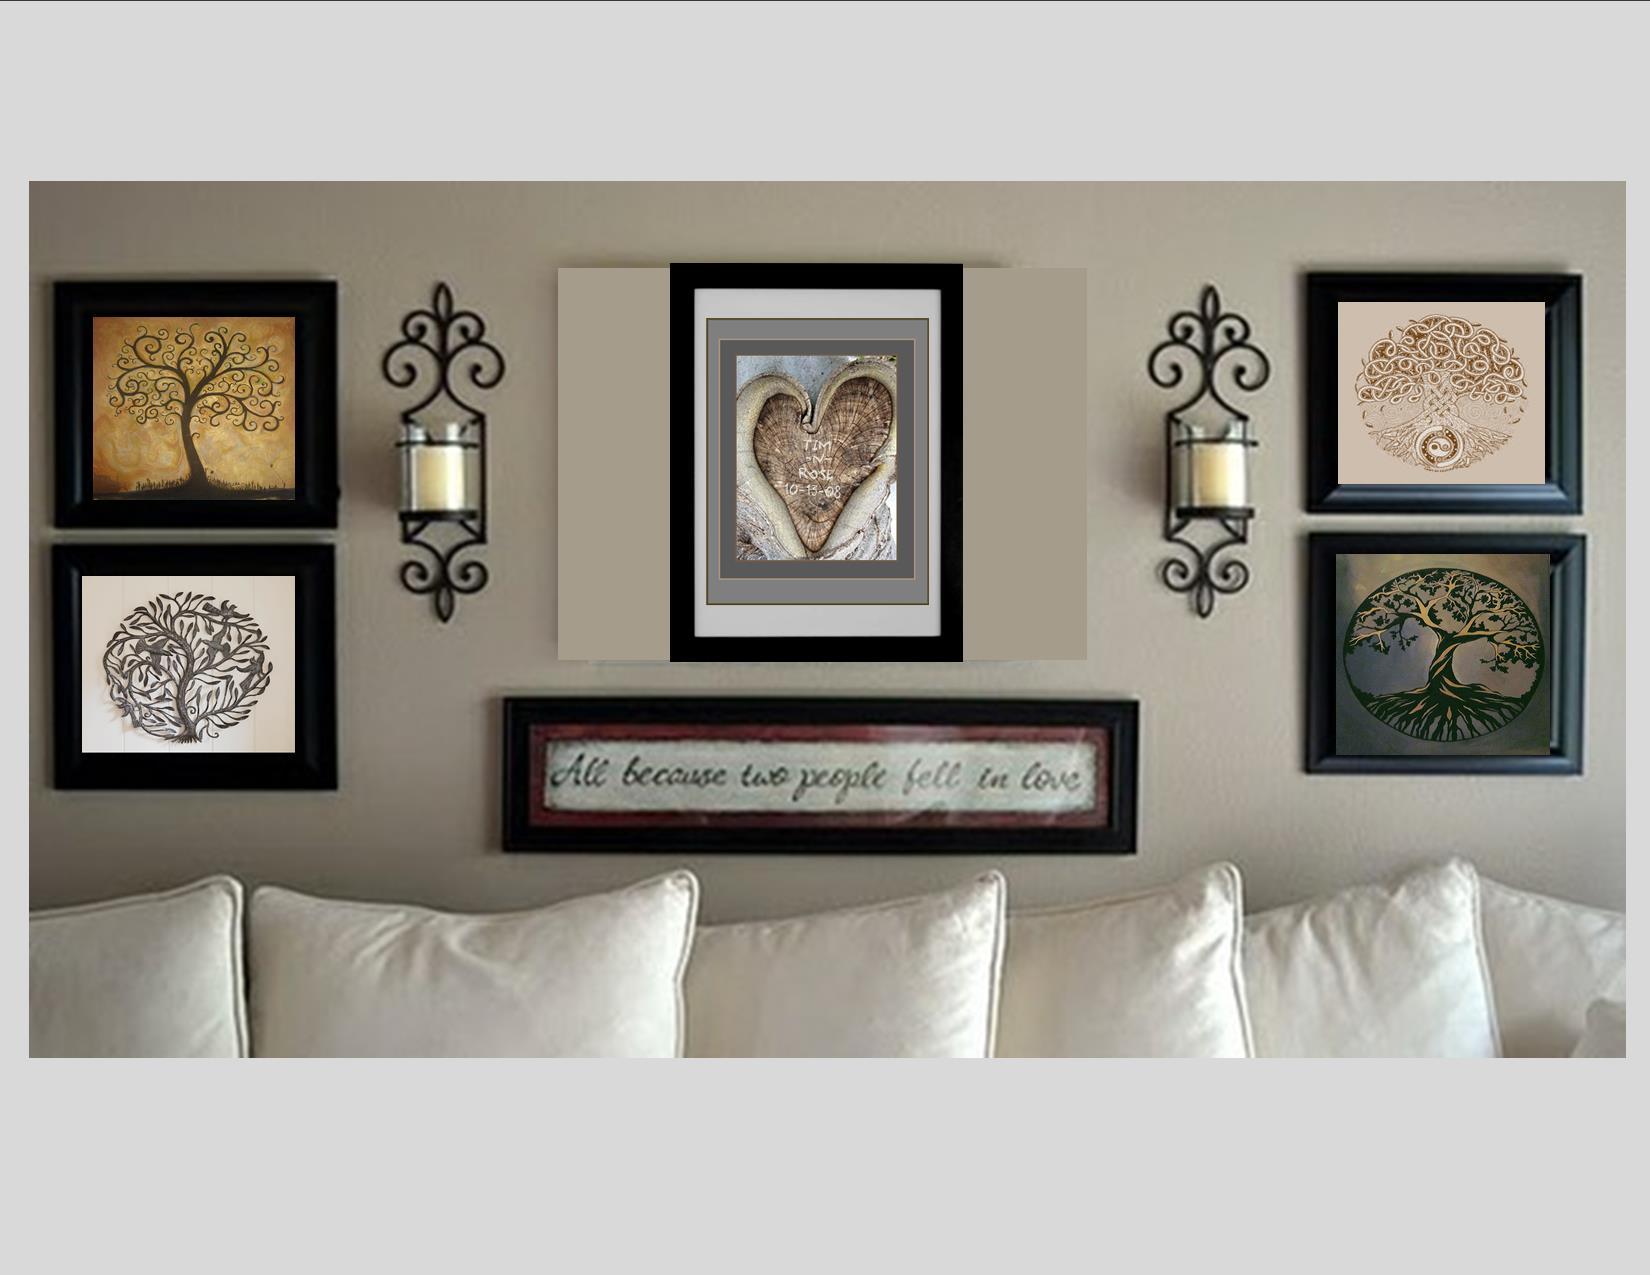 His Hers Wedding Gift Ideas : gift,wedding gift,his and hers gifts, Wedding gift,anniversary gift ...